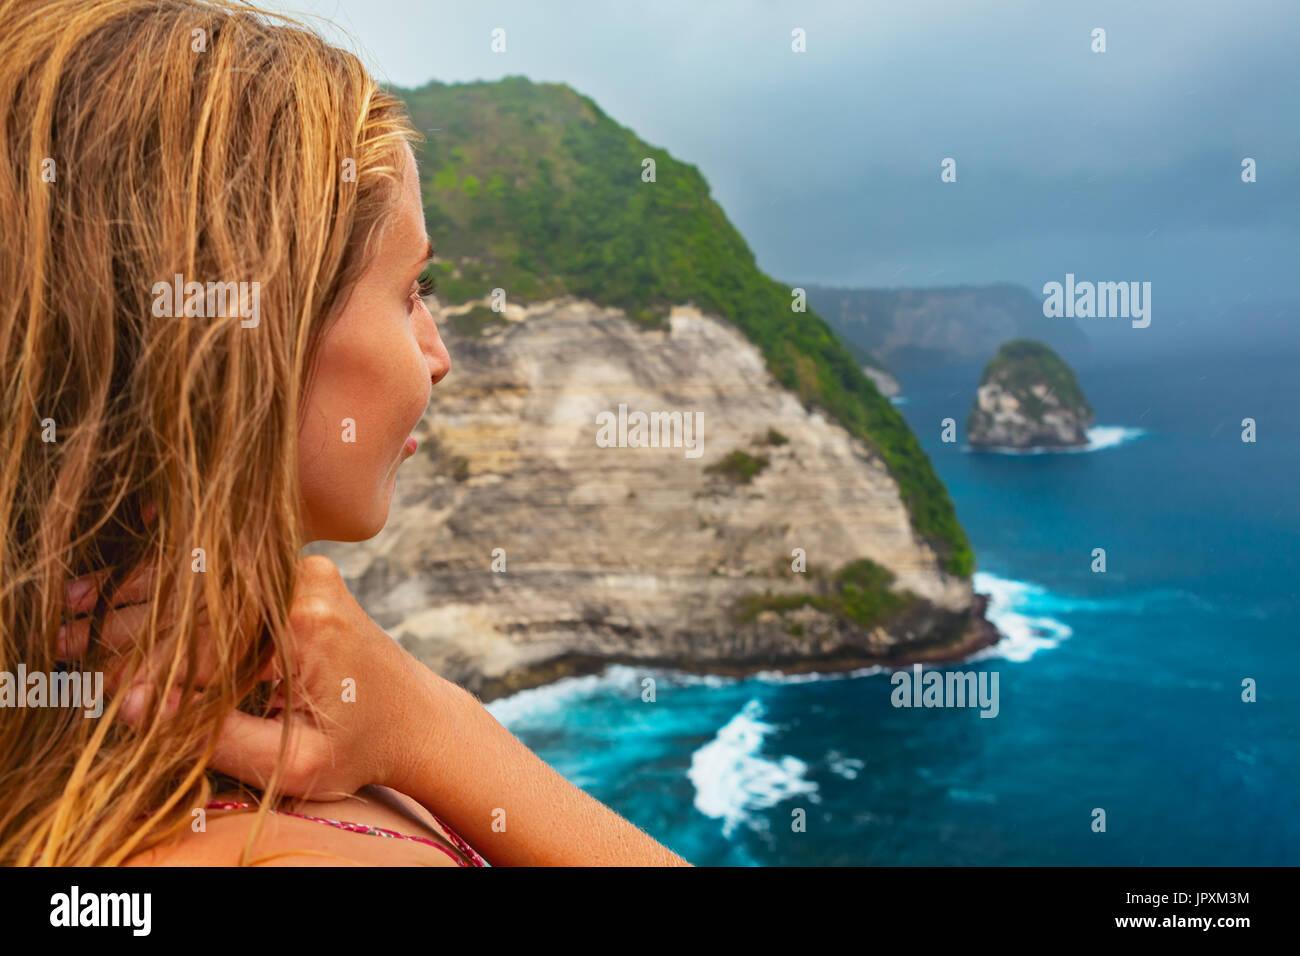 Vacanza per la famiglia lifestyle.Donna stand ad alta rupe sotto il cielo piovoso. Guarda alla spiaggia con mare surf sotto le rocce. Destinazione di viaggio in Nusa Penida, Bali Immagini Stock